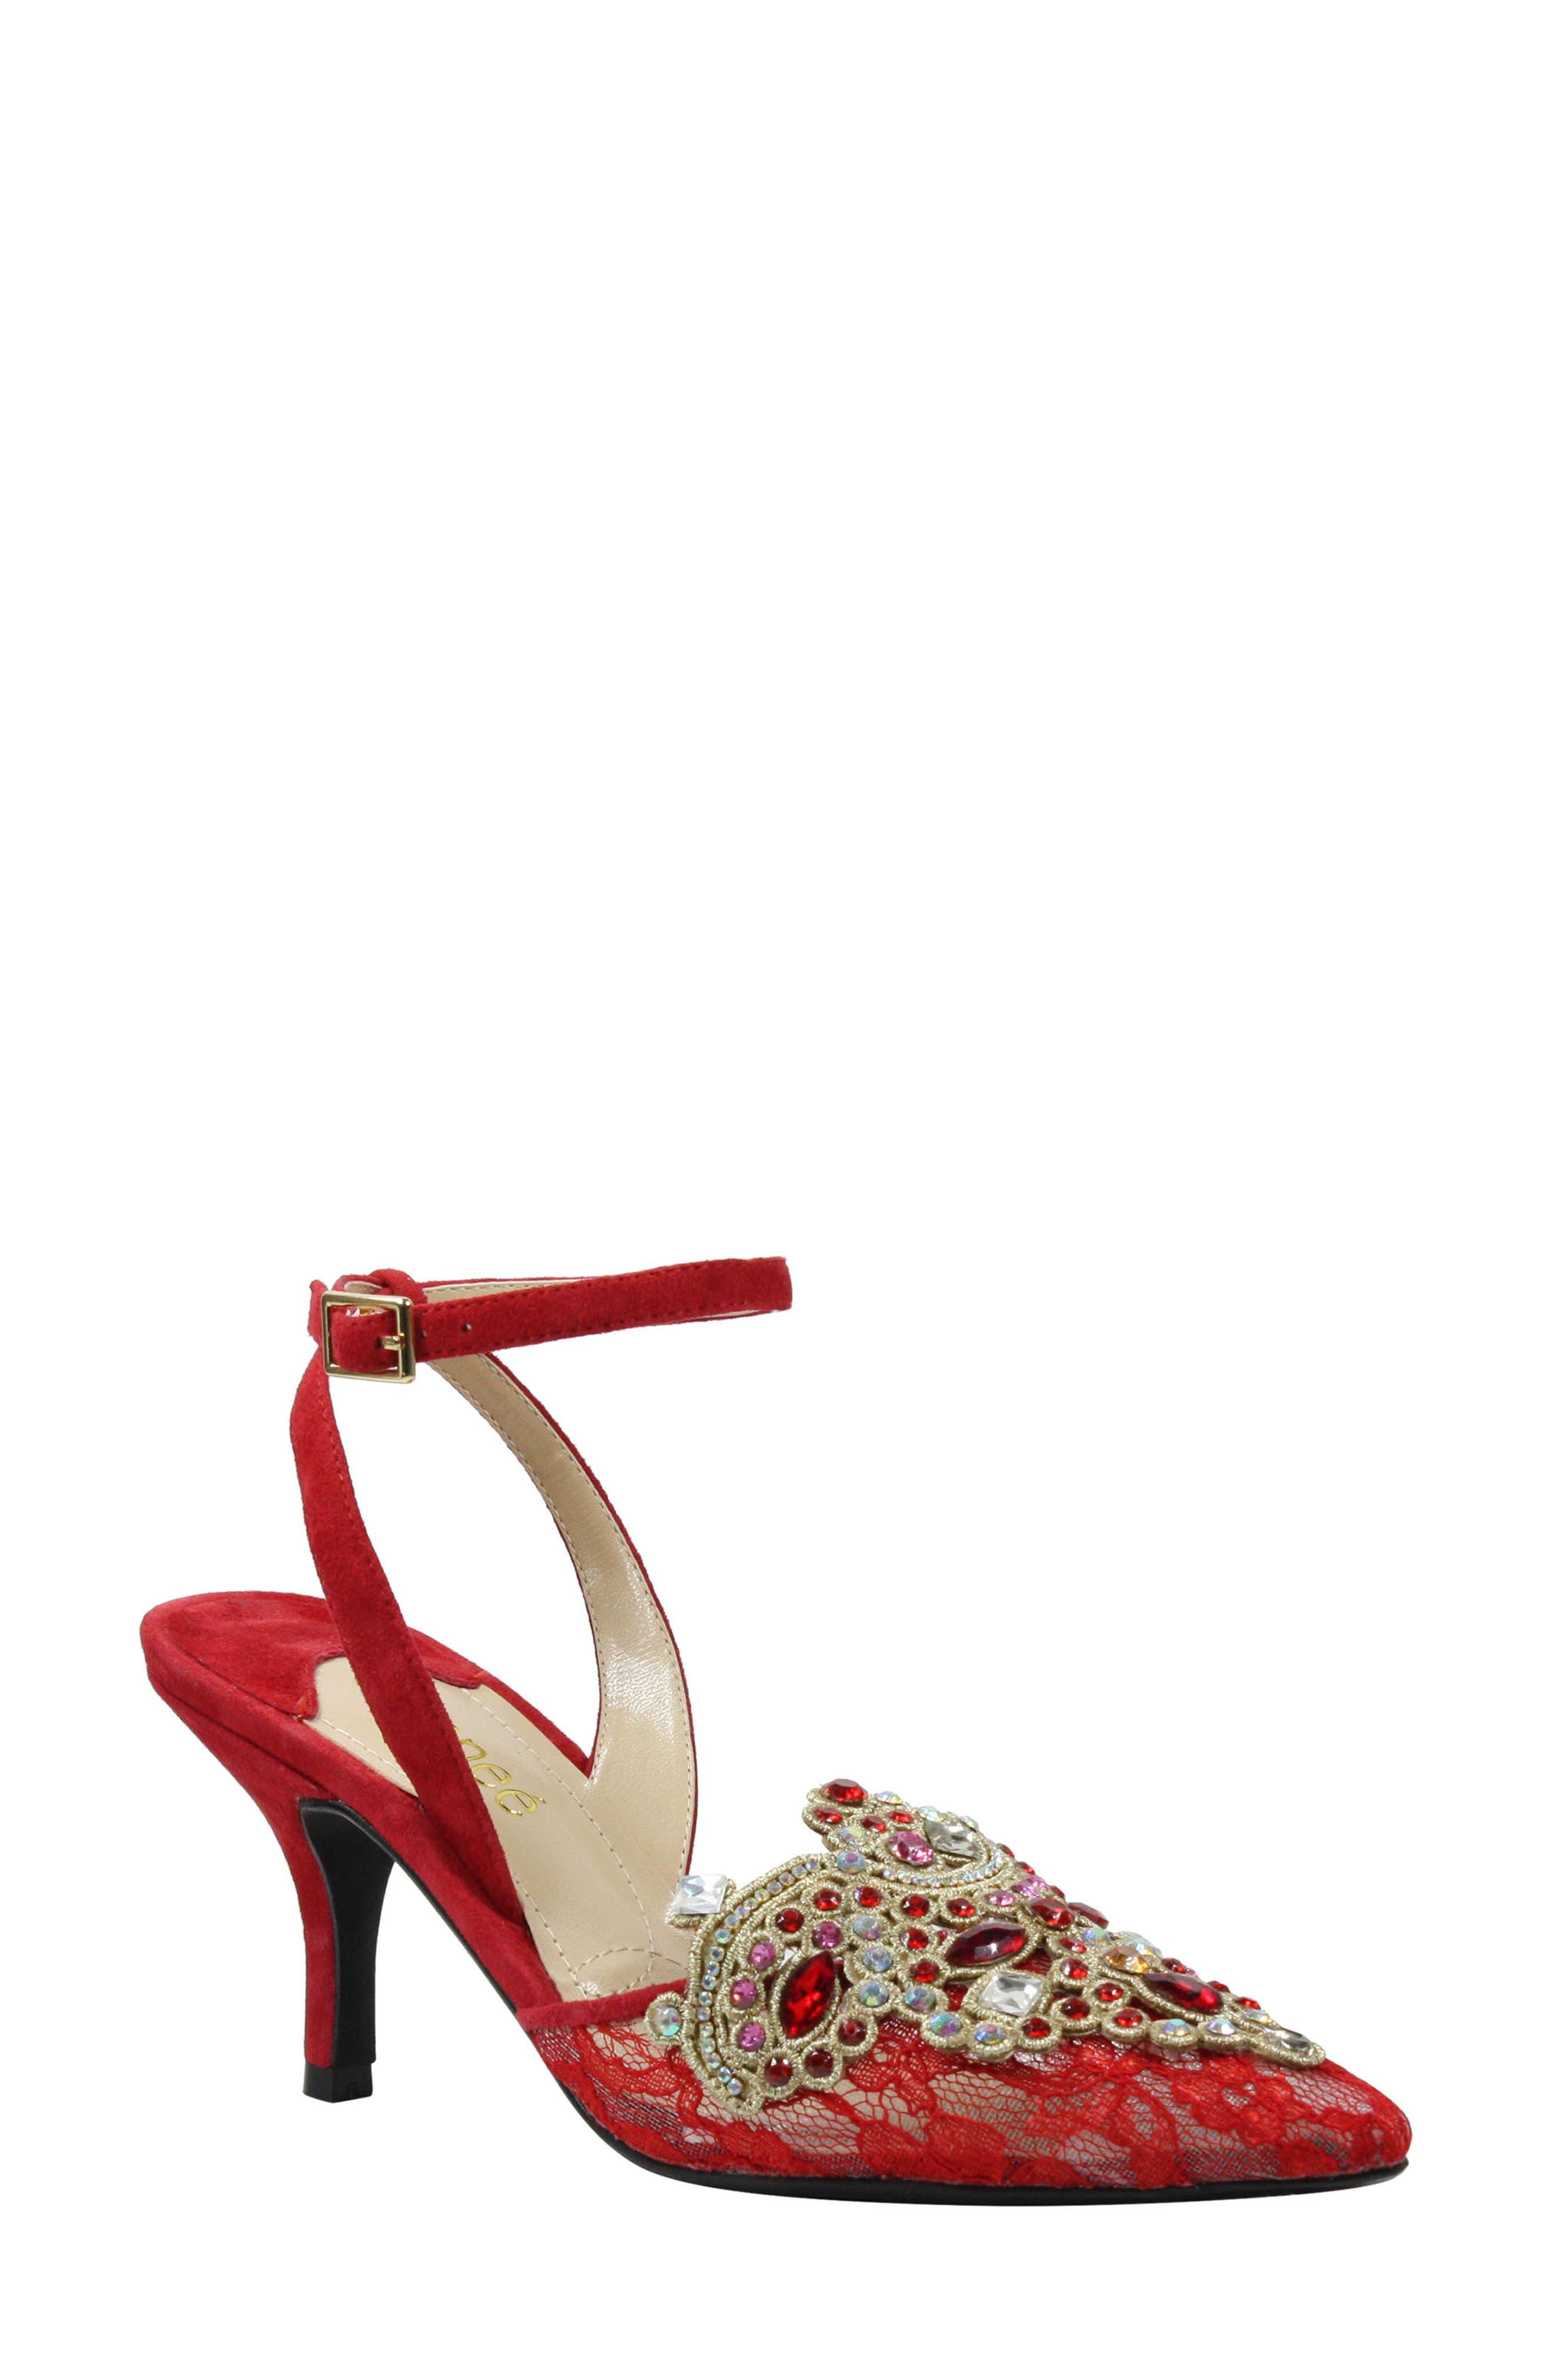 J. Renee Desdemona Embellished Pump B - Red